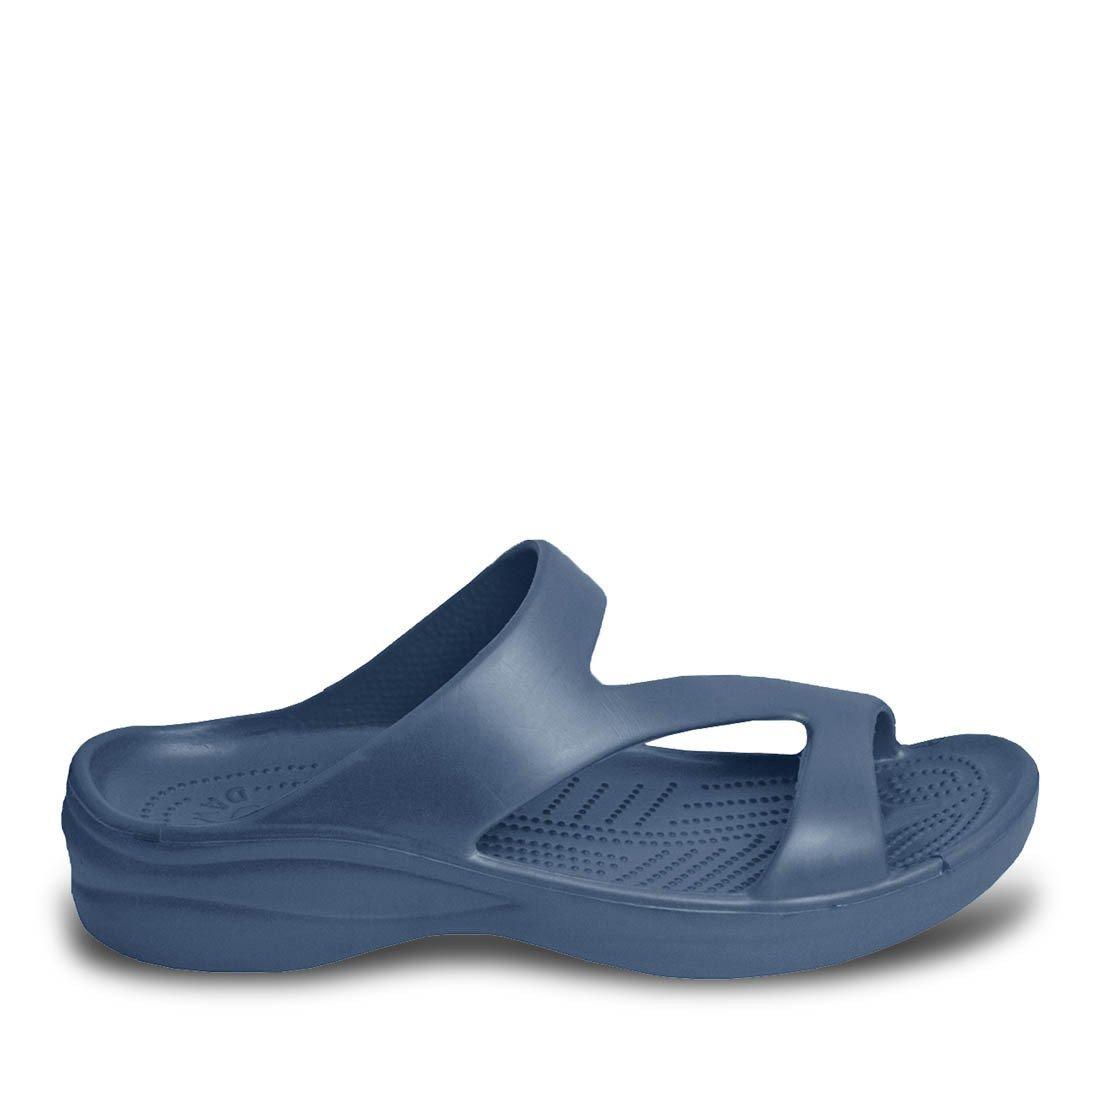 Image of Women's Z Sandals - Navy